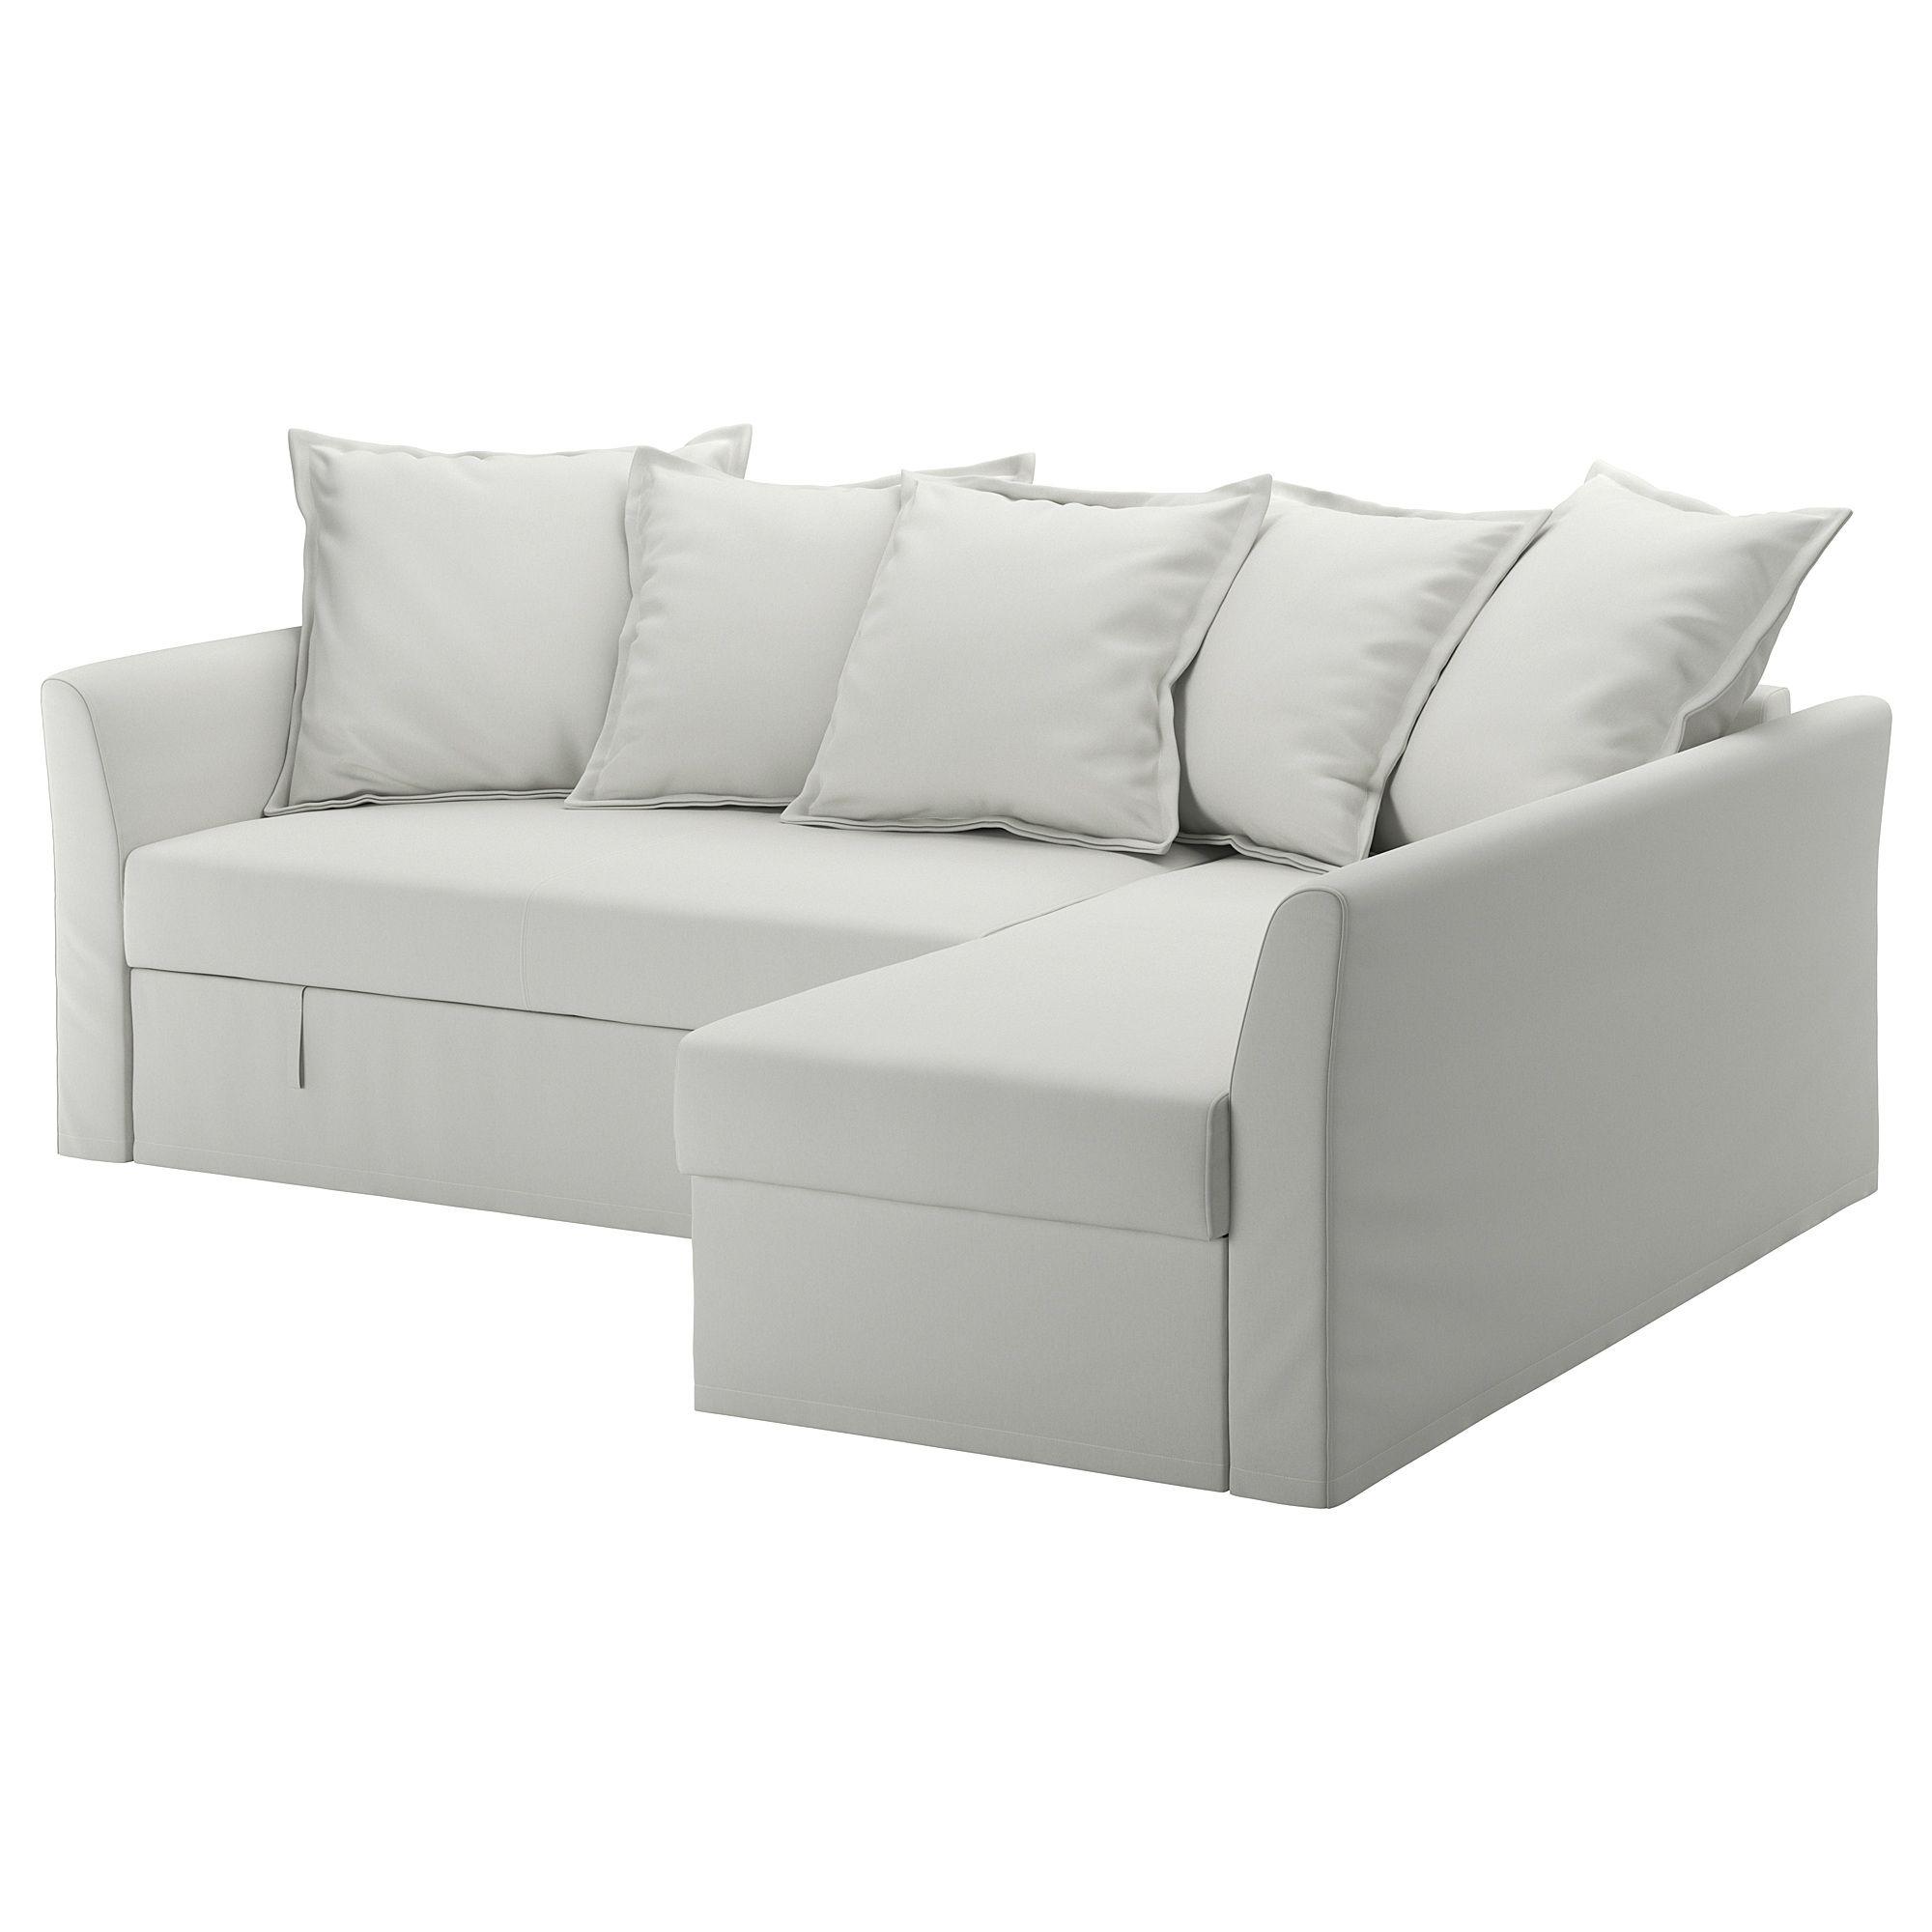 Full Size of Sofa Aus Matratzen Bauen Couch Selber Zwei Matratzenbezug Kinder Alter Matratze Kissen Ikea Matratzenauflage Mit Bunt Pin Auf Besten Hacks Höffner Big Arten Sofa Sofa Aus Matratzen